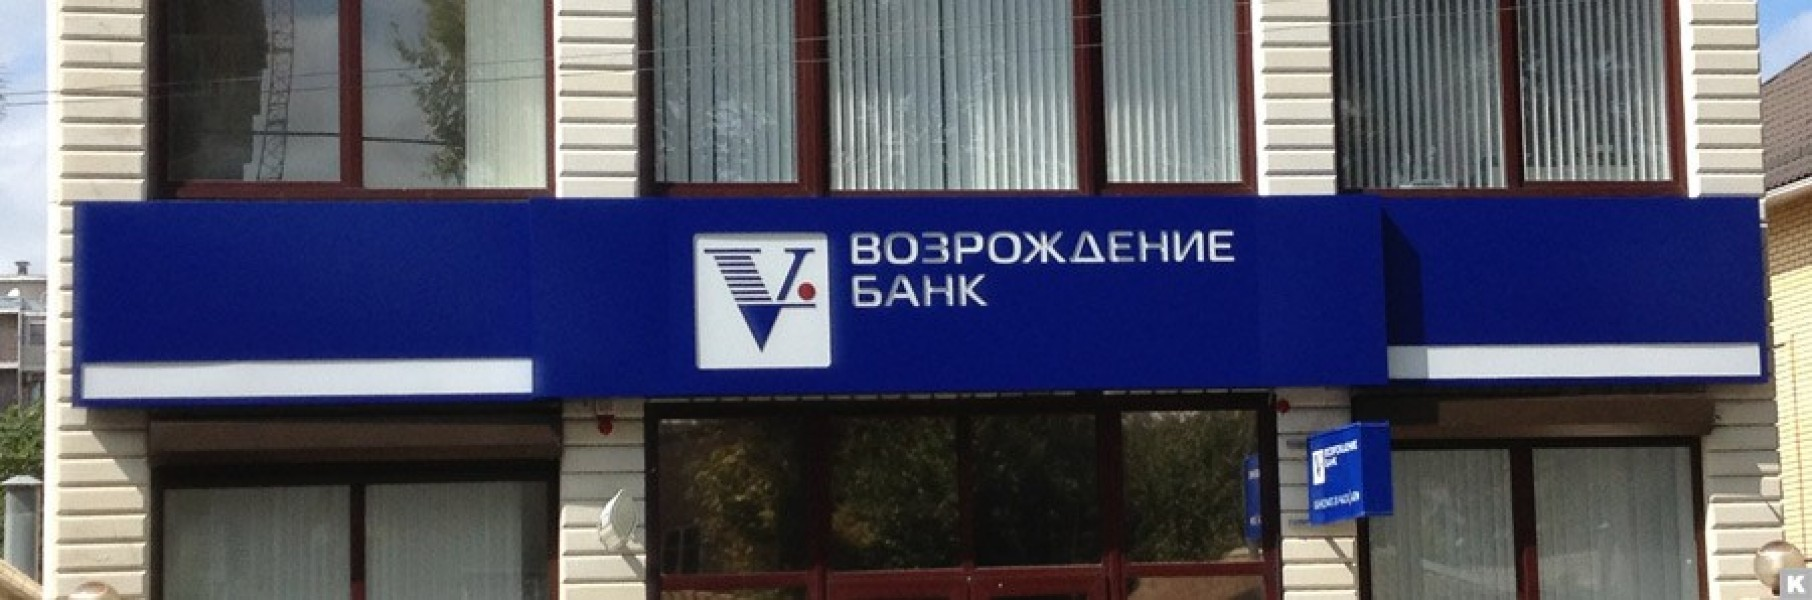 Погашение кредитов других банков